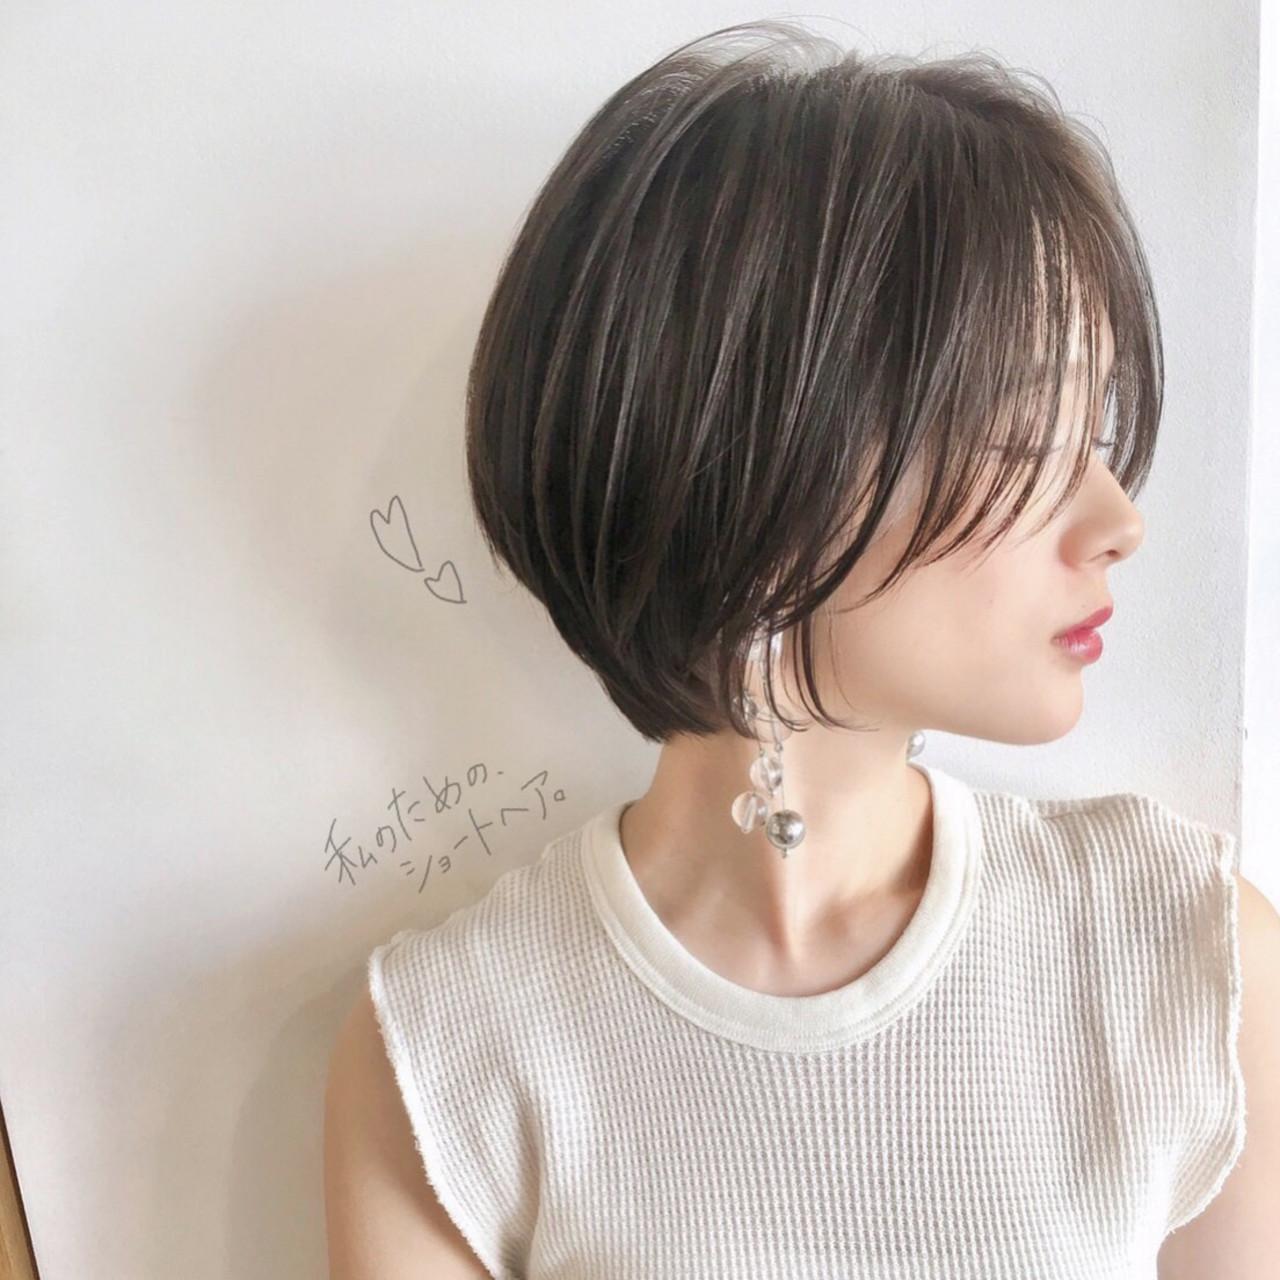 第1位!横顔も美しいショートヘア(山内大成/『 i. 』 omotesando) ショートボブの匠【 山内大成 】『i.hair』『 i. 』 omotesando